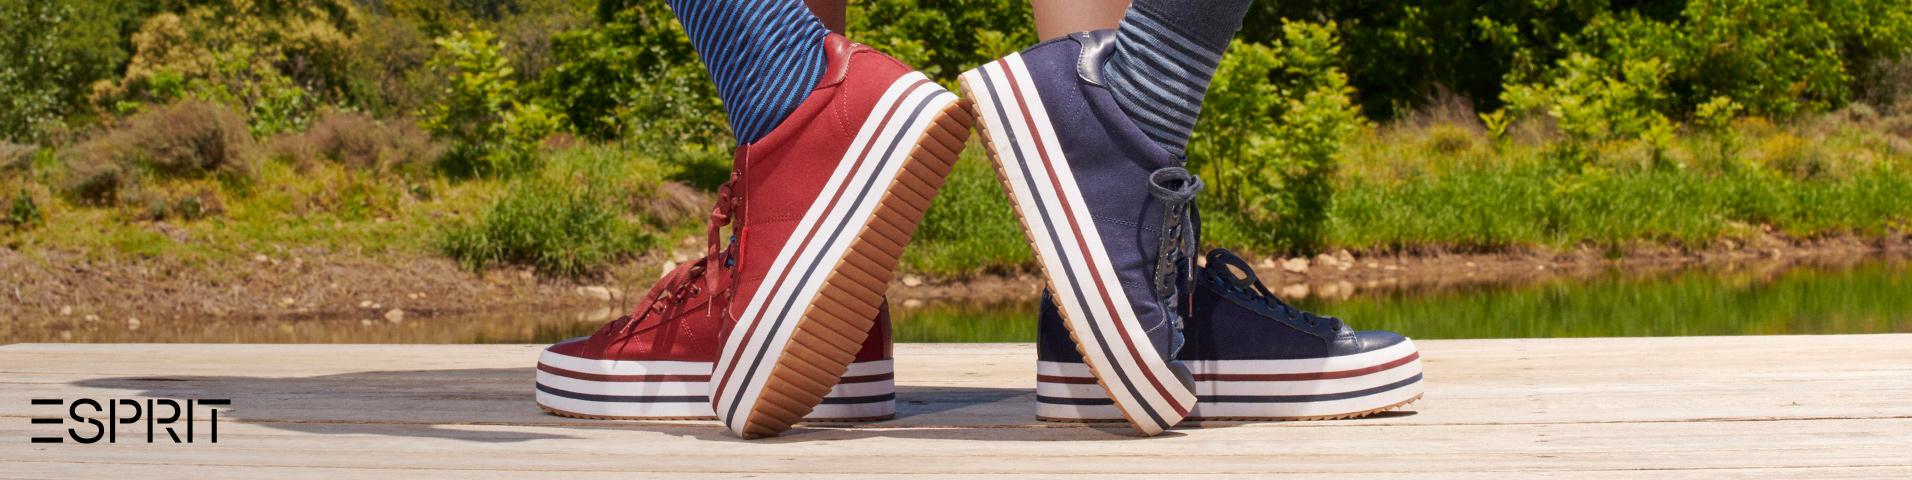 Esprit Damesschoenen online kopen | Gratis verzending | ZALANDO